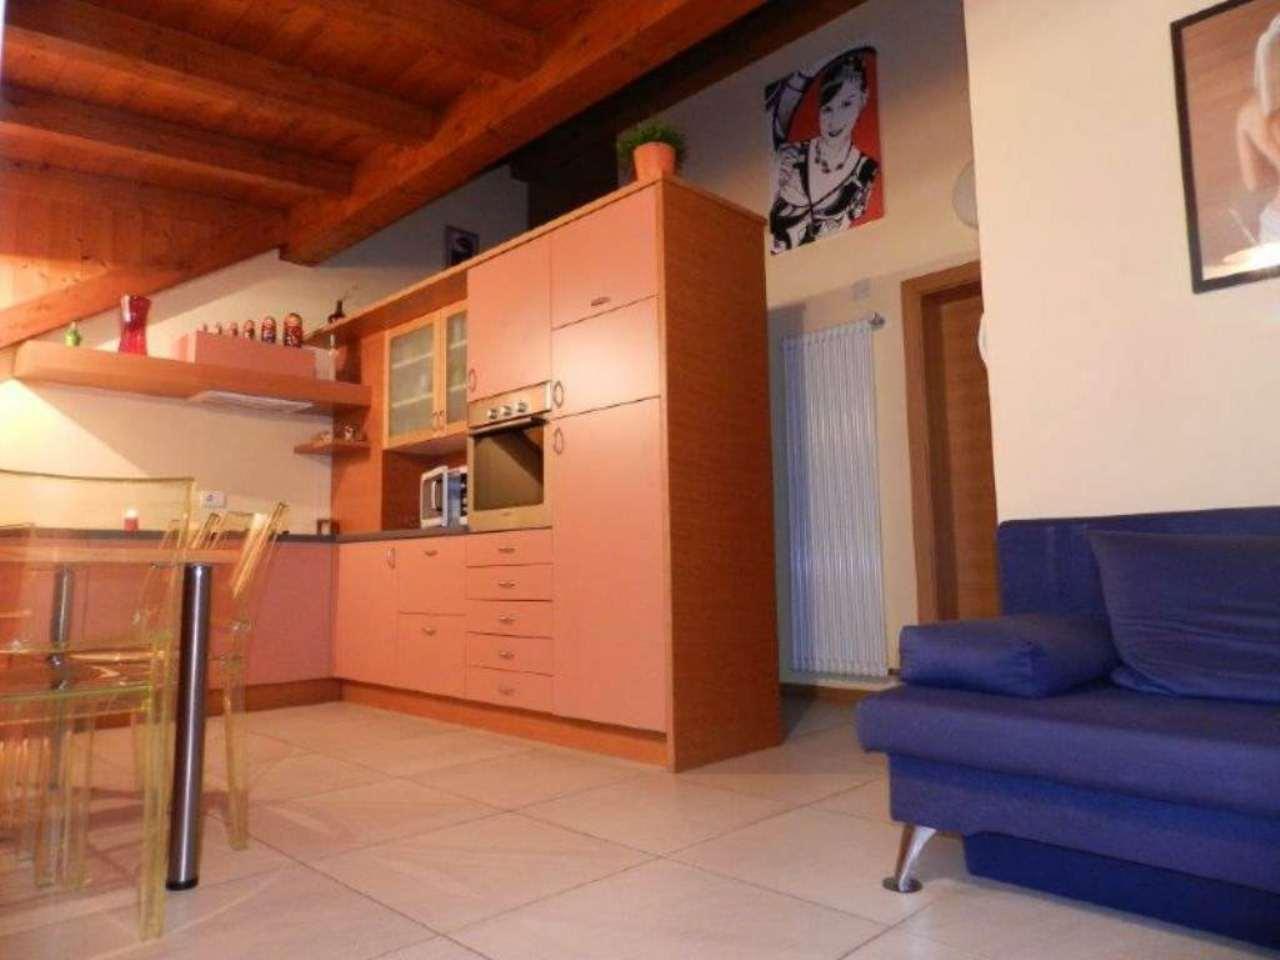 Attico / Mansarda in vendita a Egna, 2 locali, prezzo € 175.000 | Cambio Casa.it